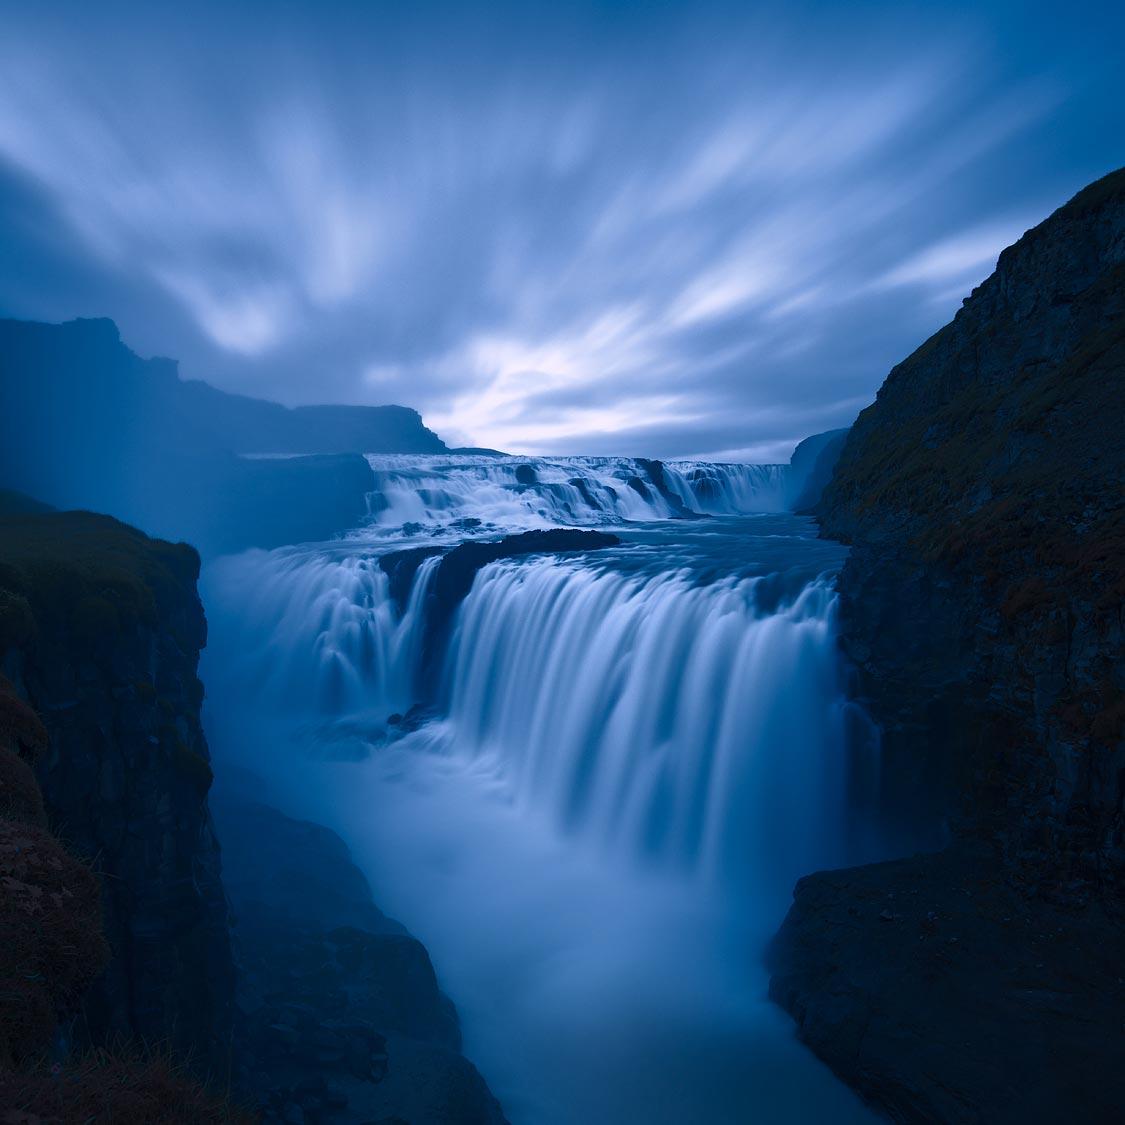 Vistas deslumbrantes da Isl�ndia capturadas por Jerome Berbigier 04